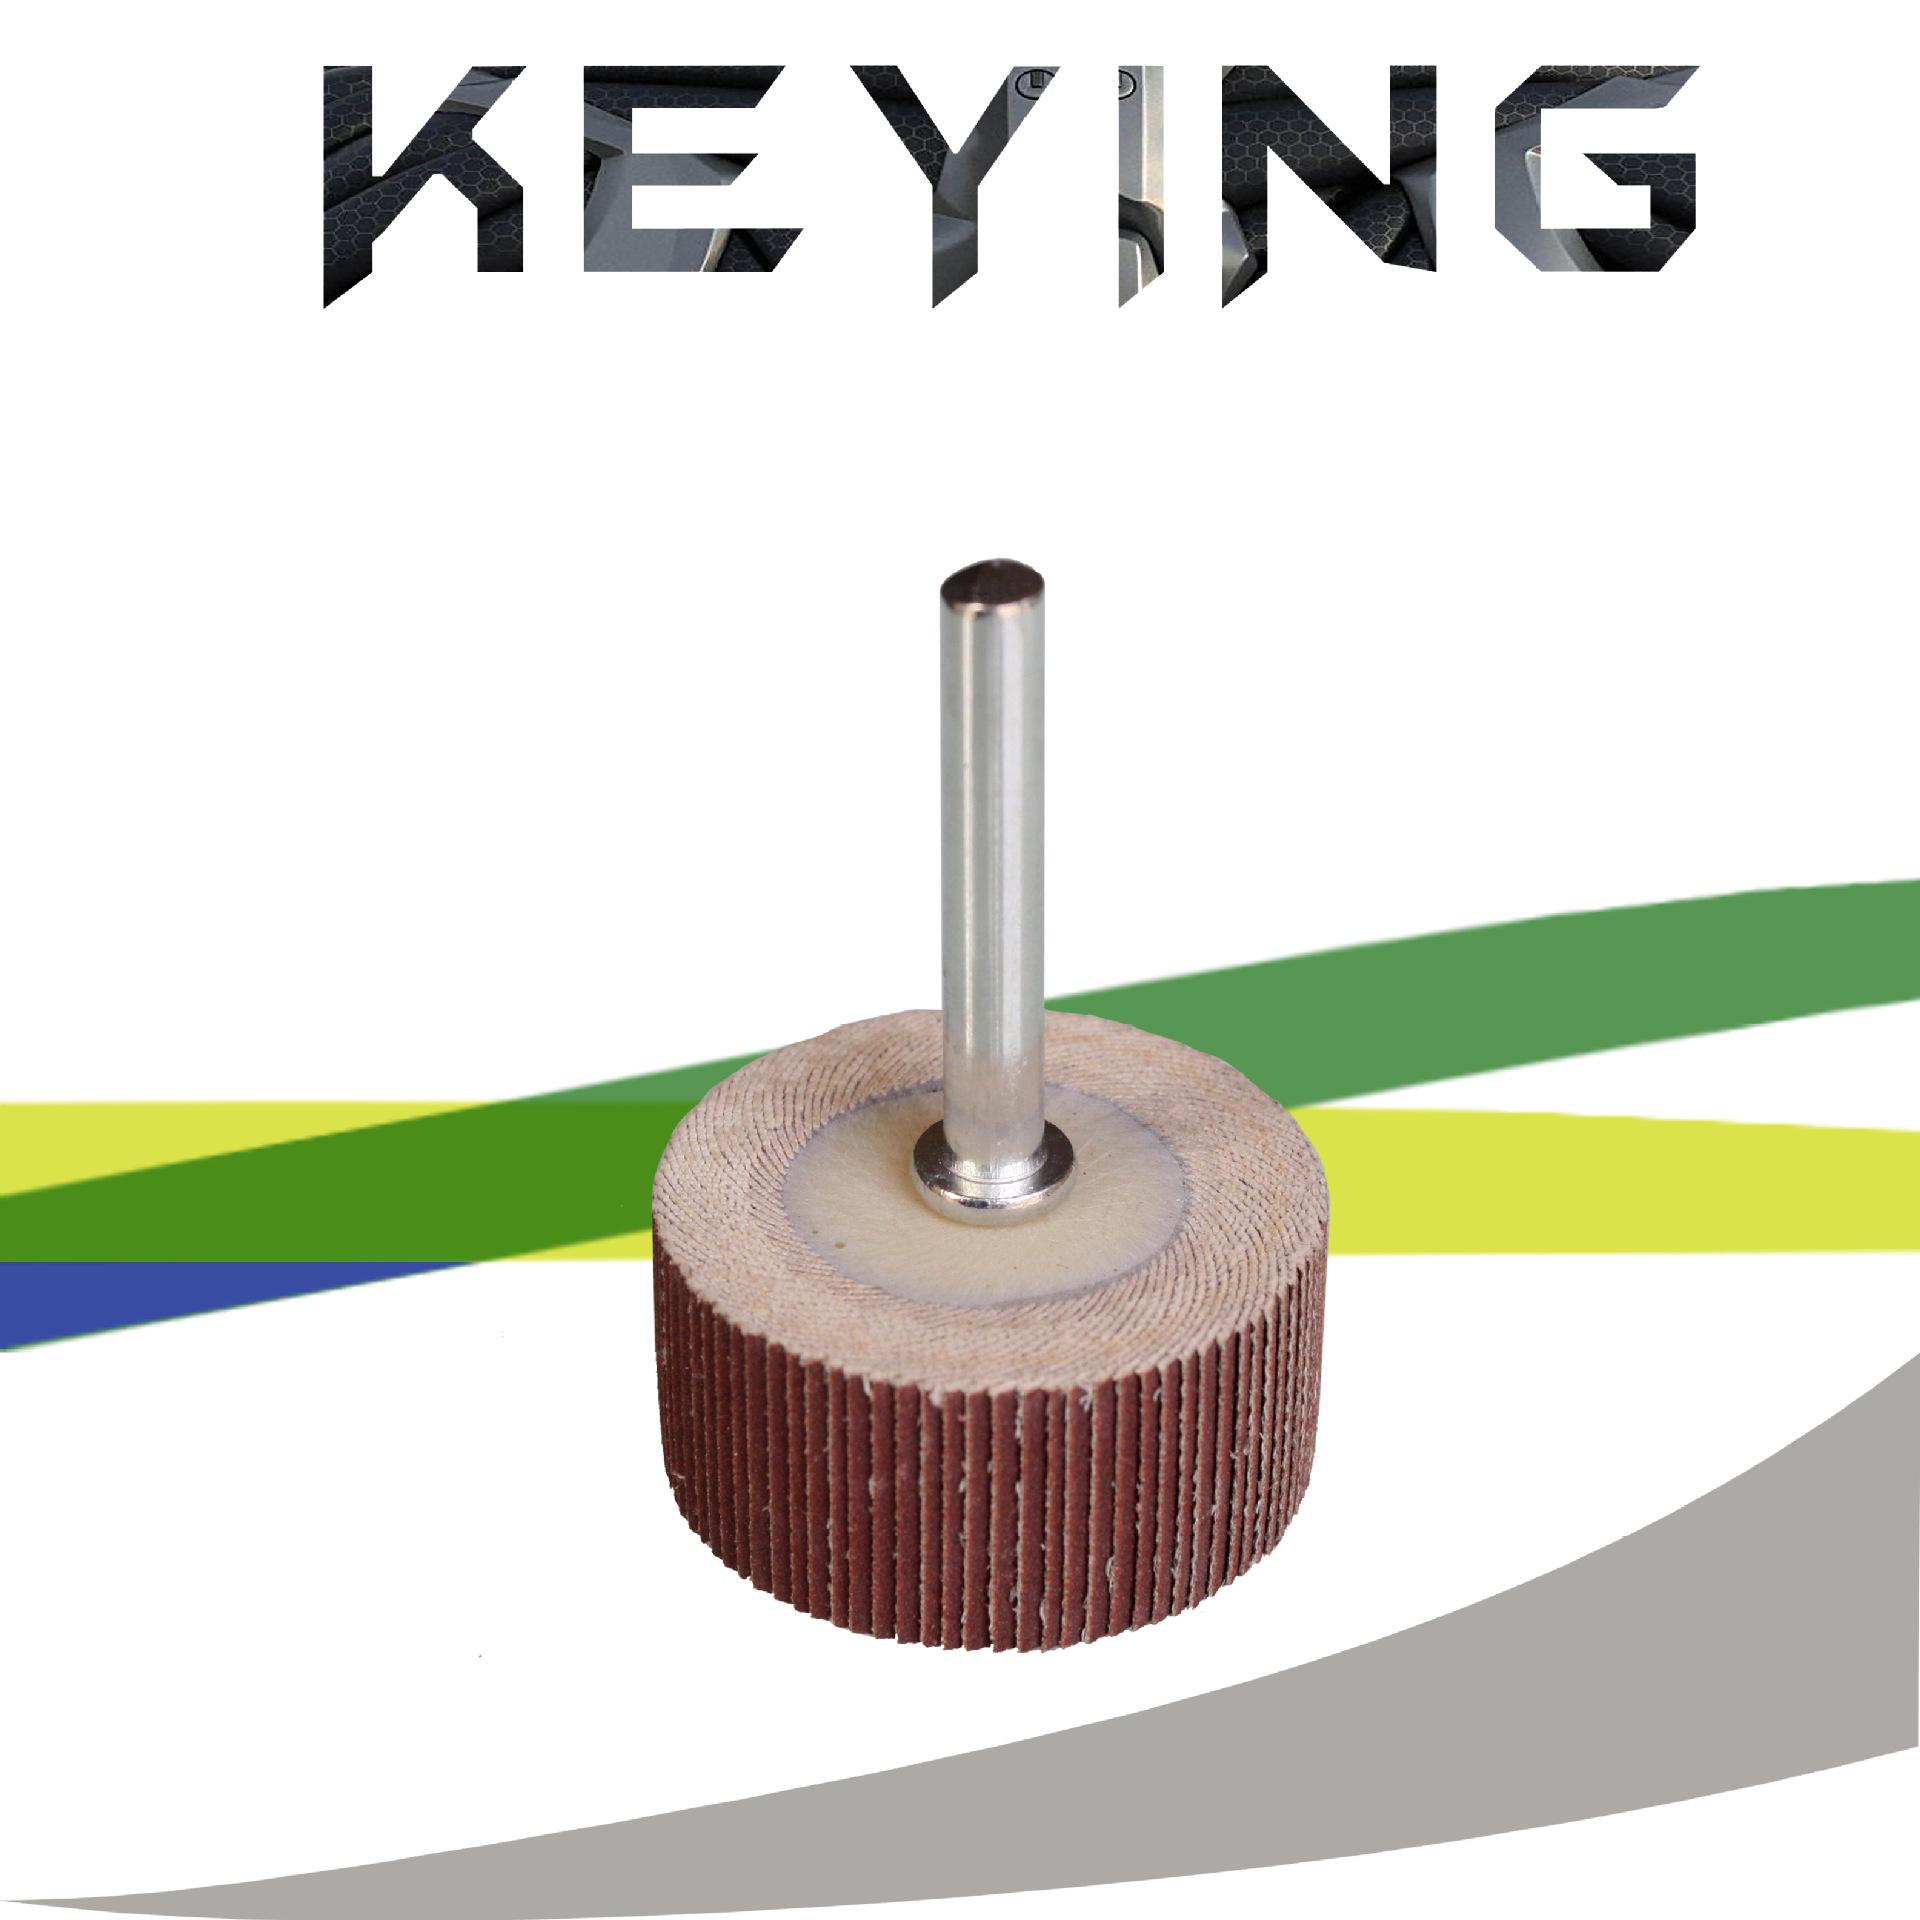 Keying Abrasives / 15 * 14 * 3 sống xử lý cánh quạt / trang bánh xe / đánh bóng bánh xe / mài đầu /